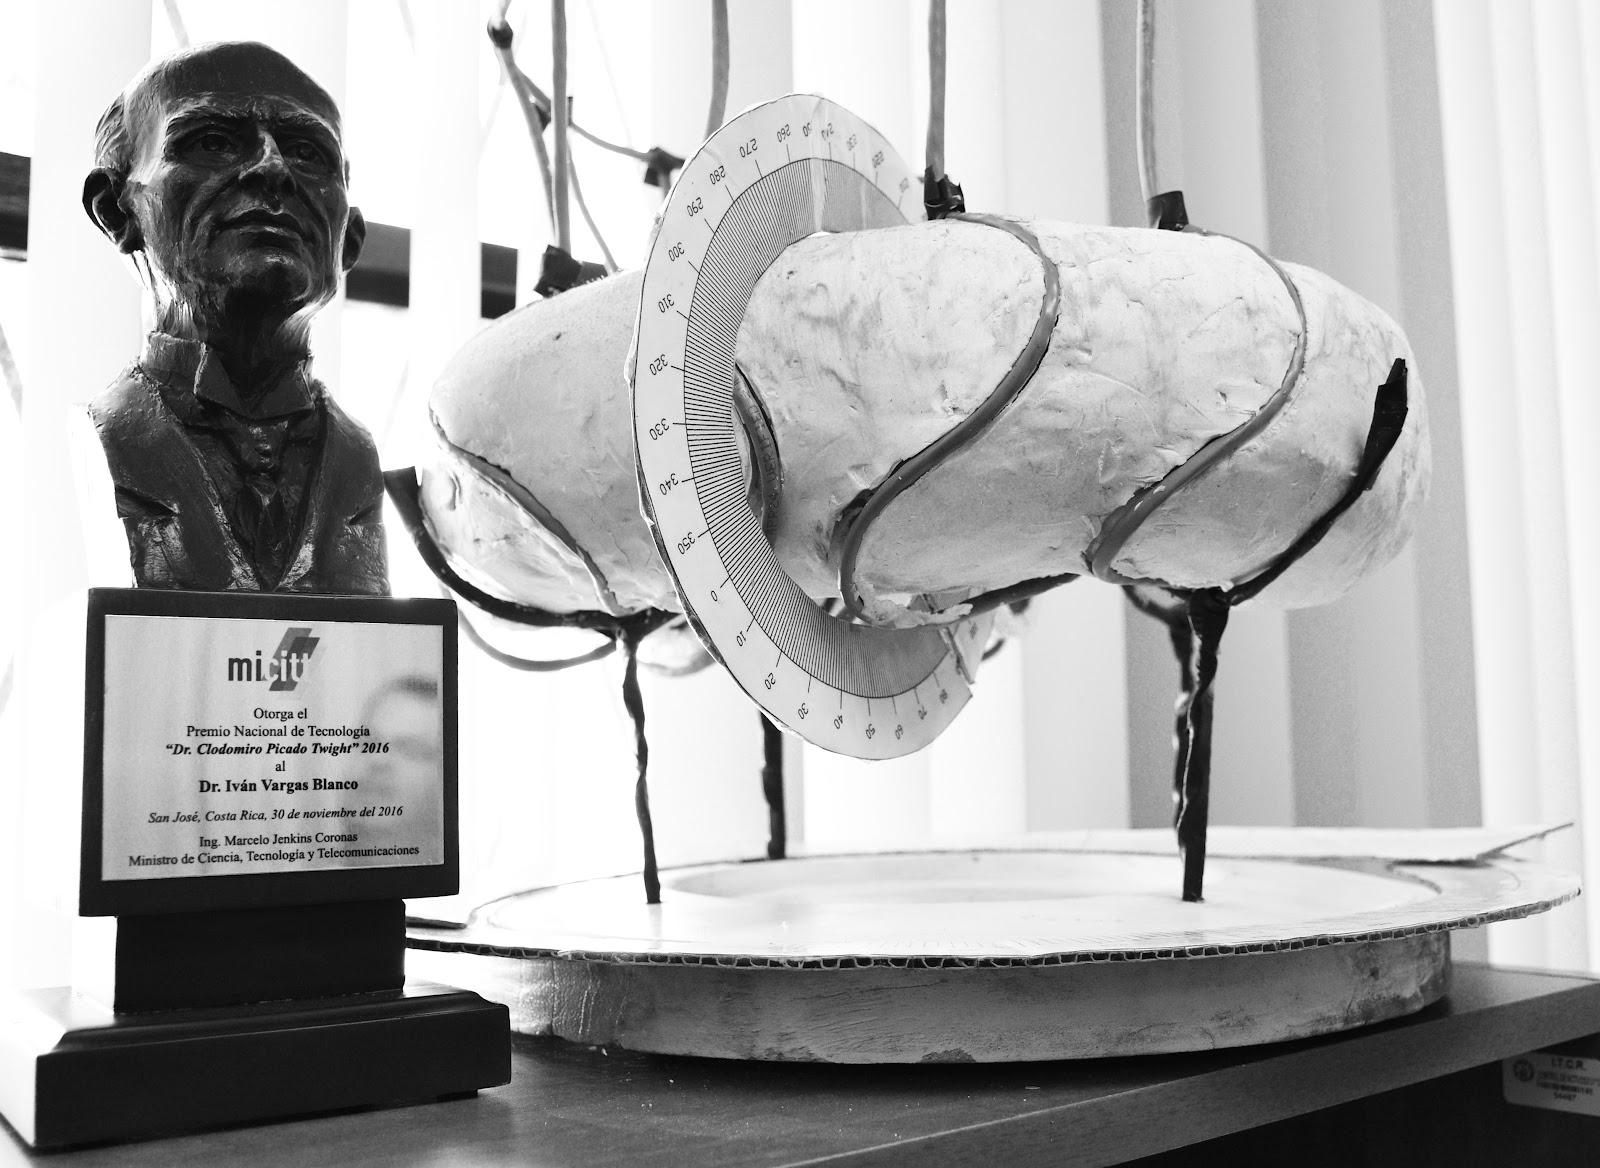 Premio Nacional de Tecnología: Clodomiro Picado Twight  2016 junto a la maqueta del Stellarator SCR-1. (Foto: Ruth Garita/OCM)